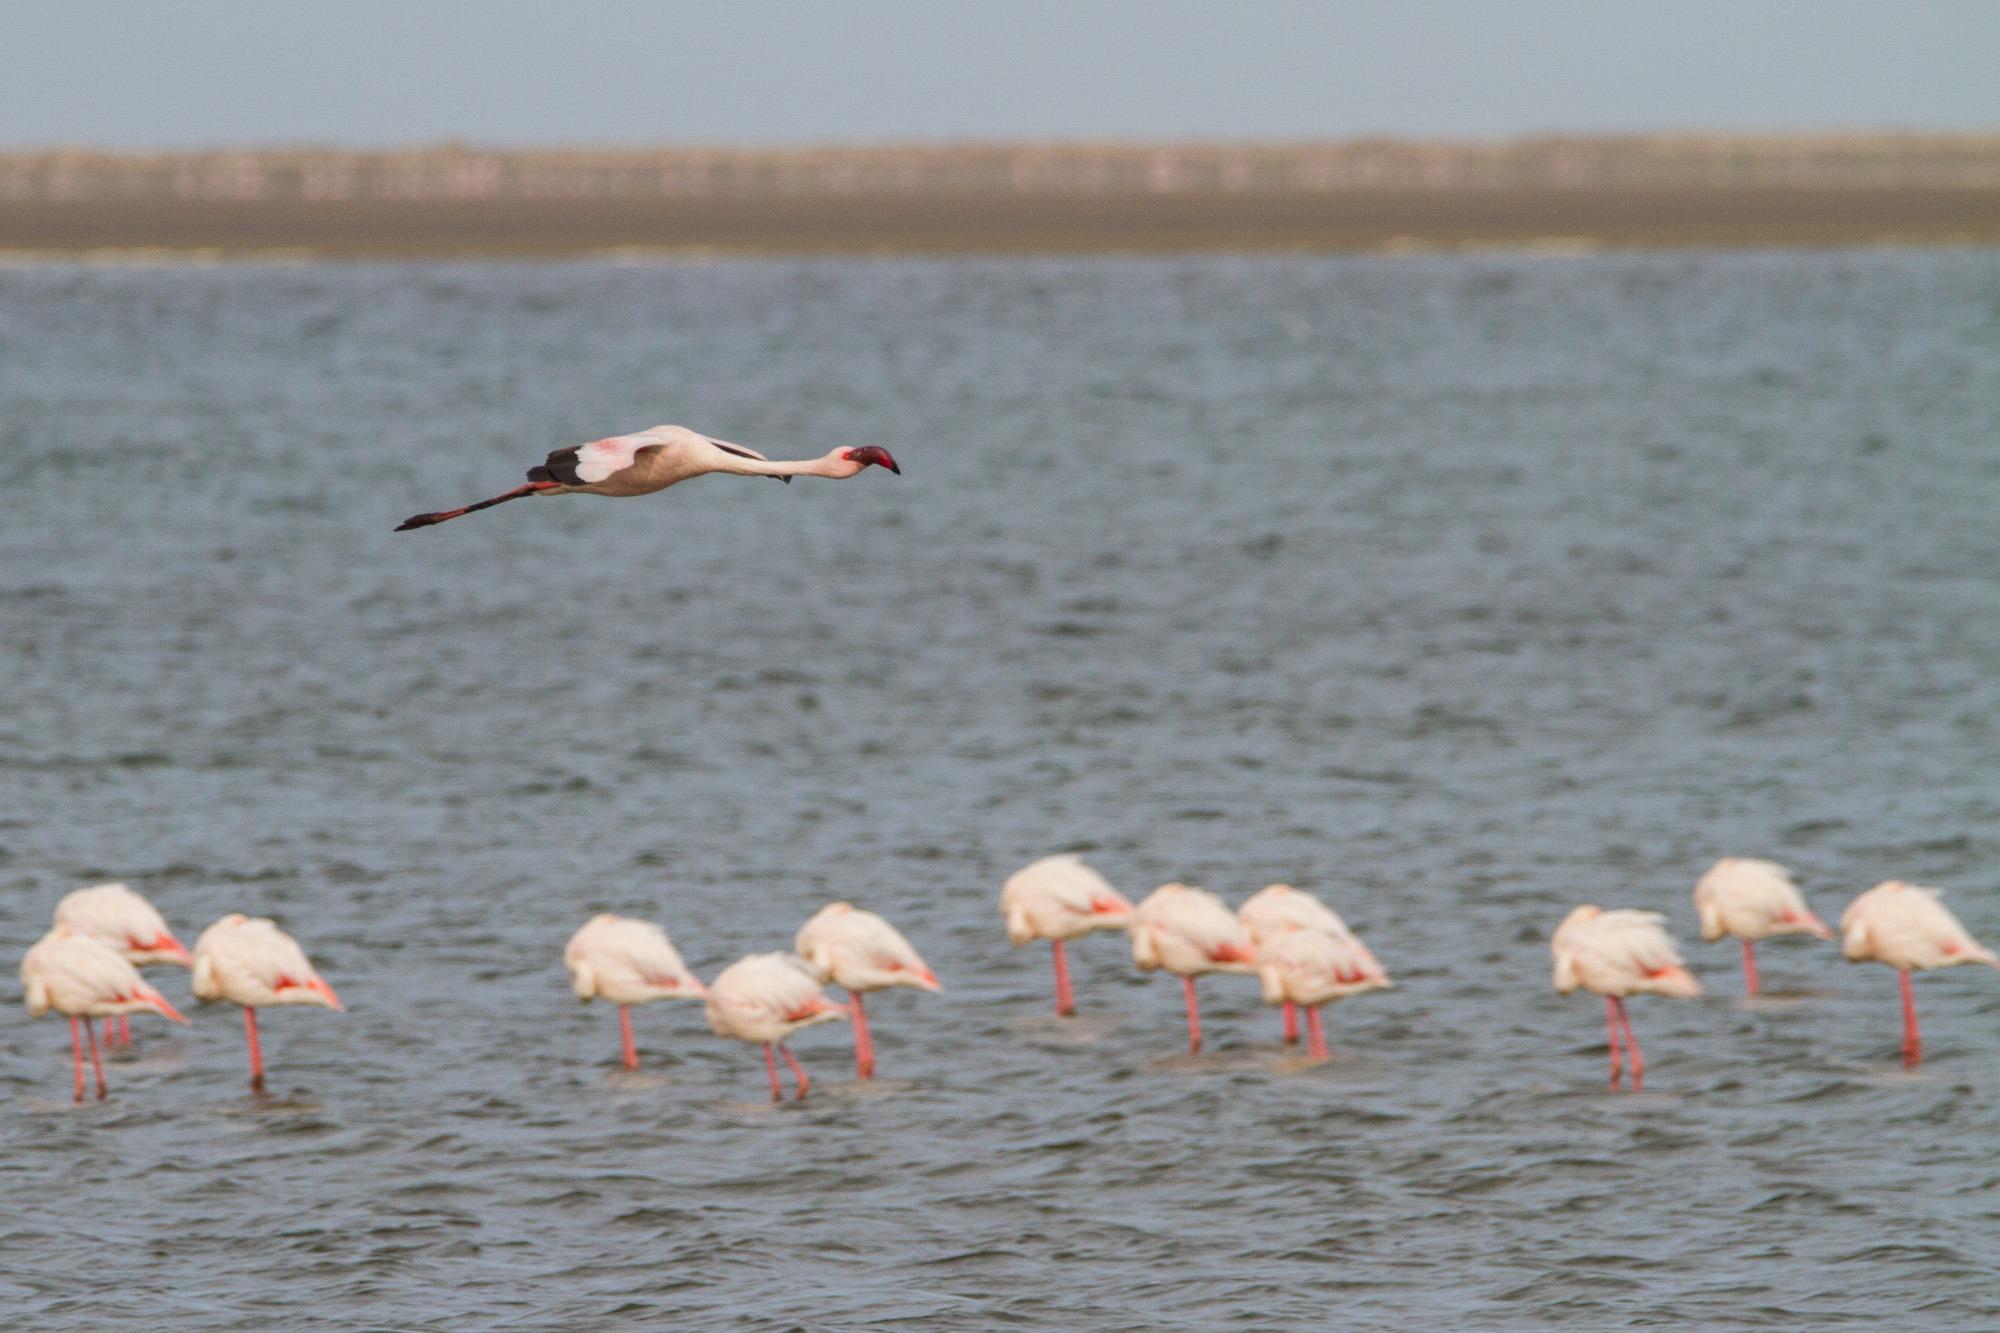 Fliegender Flamingo und Flamingos im Wasser in Lagune bei Walvis Bay